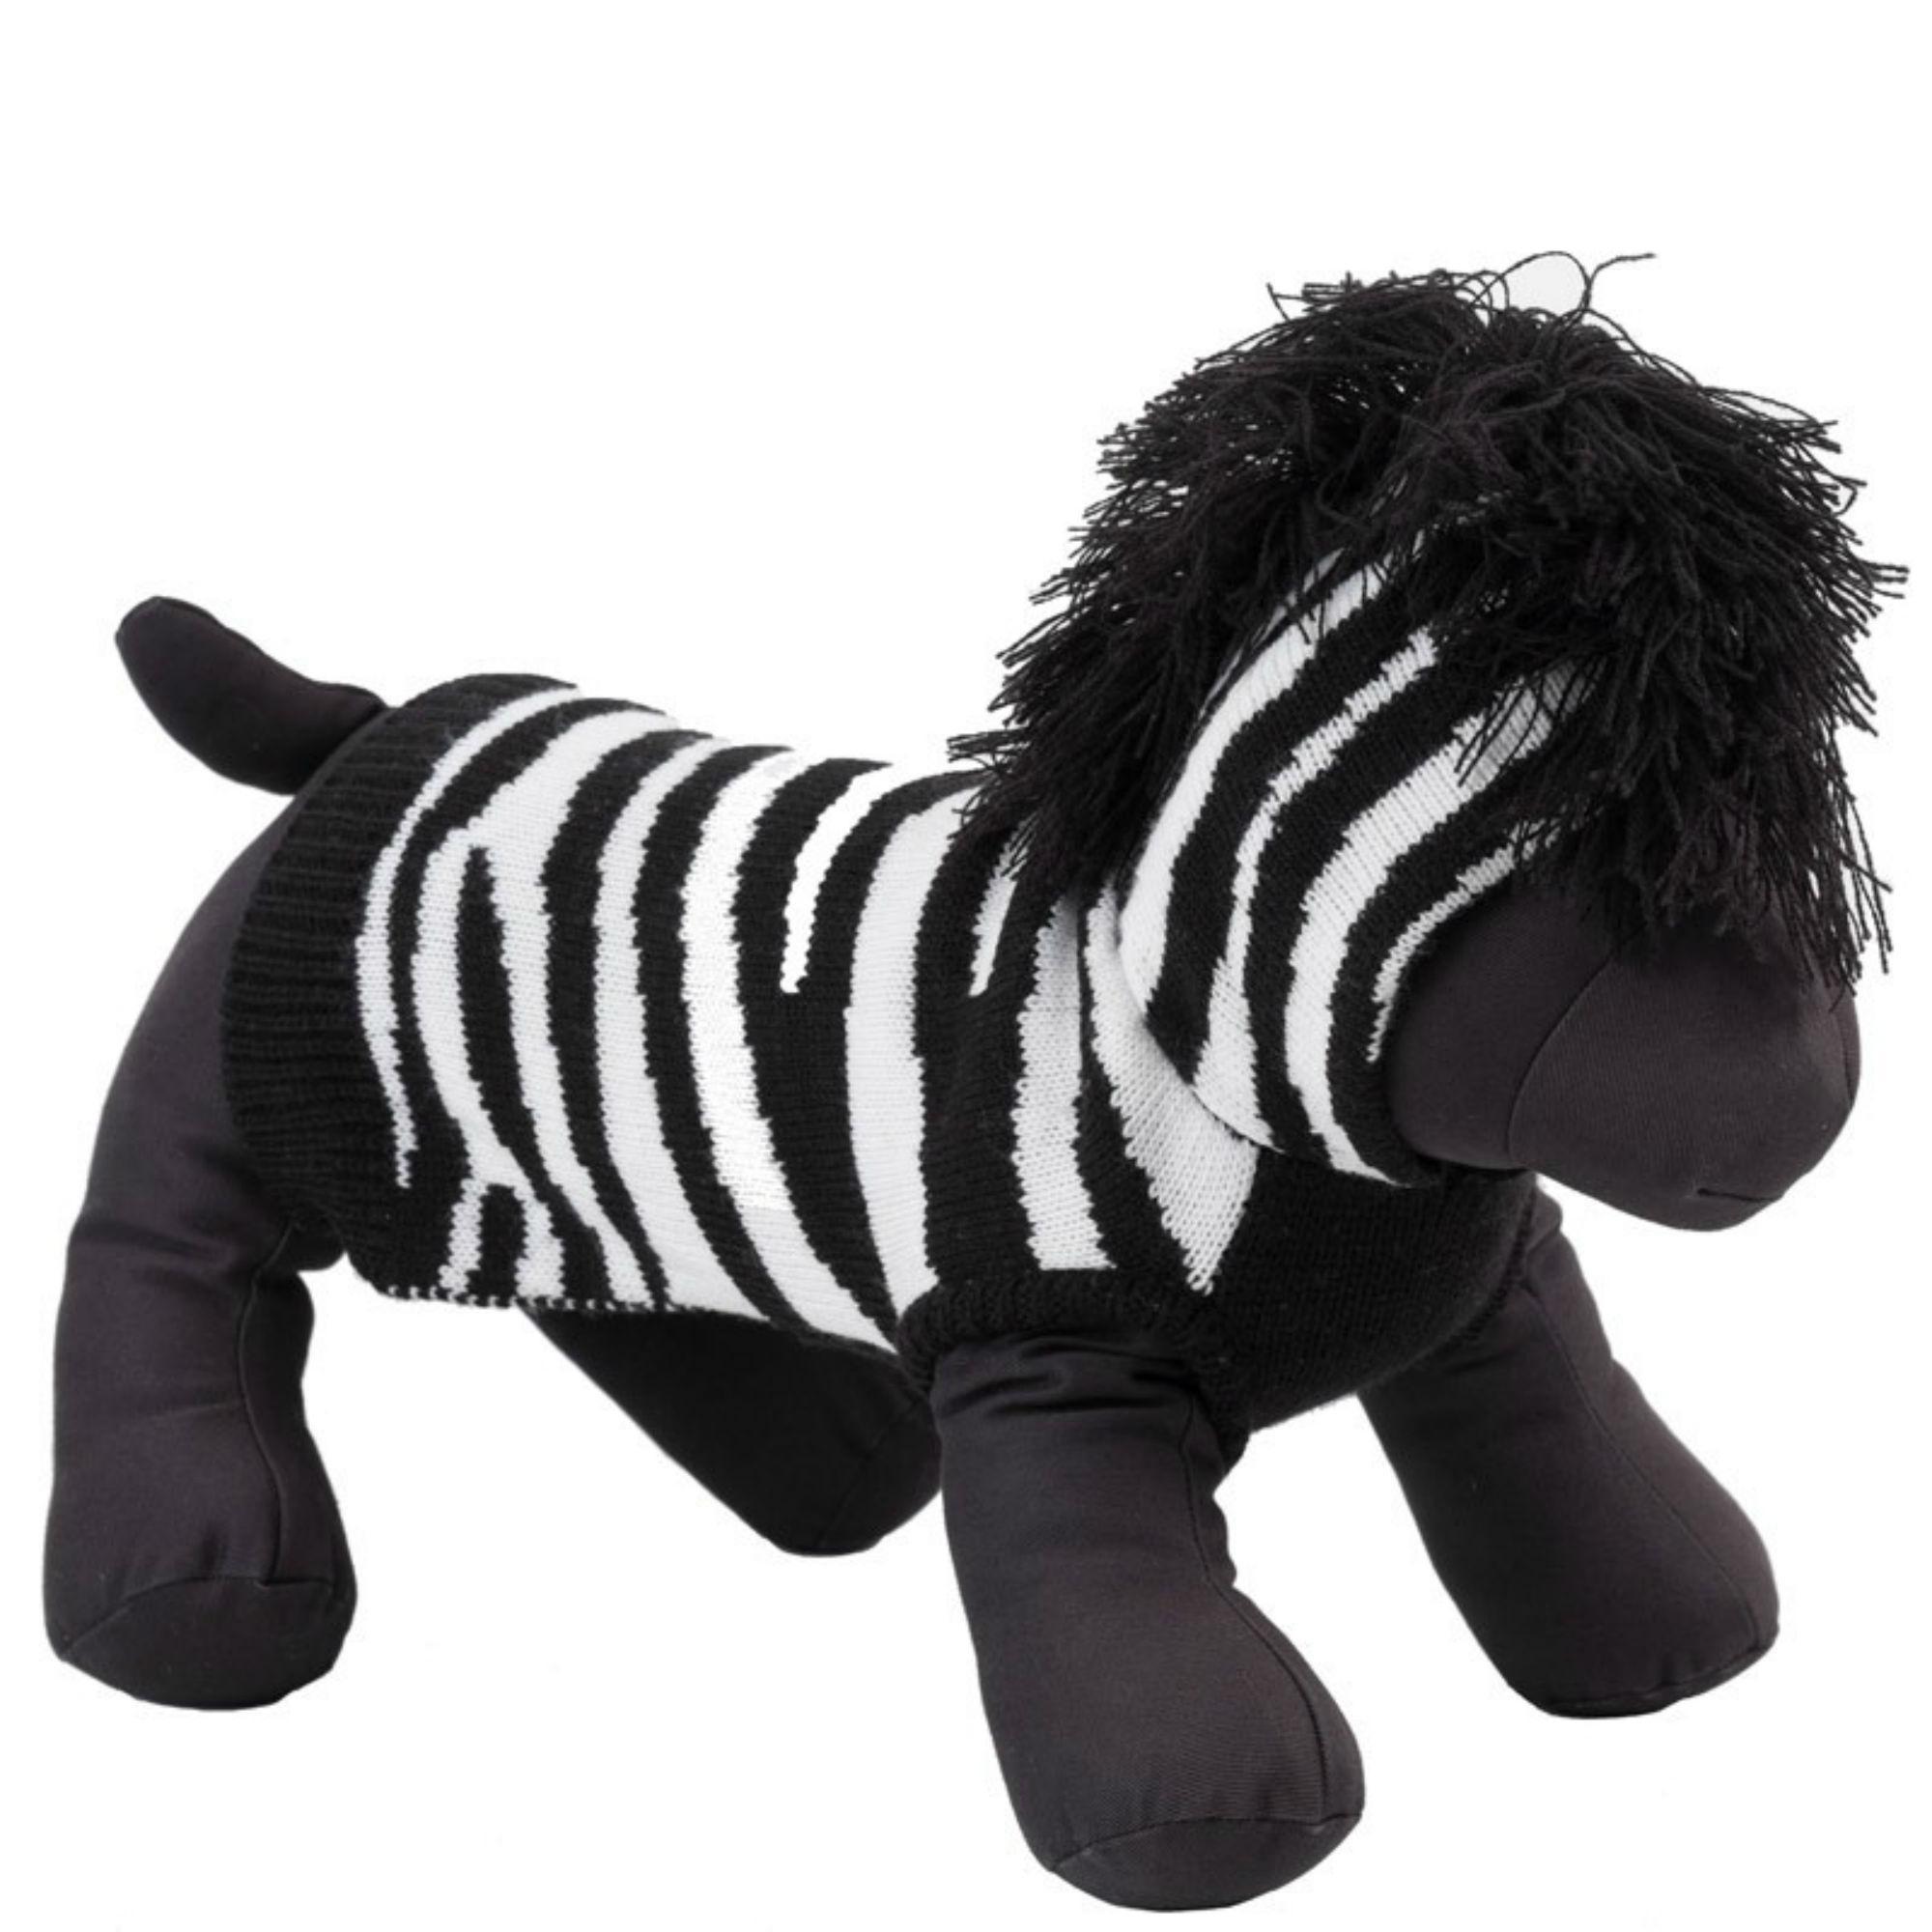 Worthy Dog Zebra Dog Hoodie - Black/White